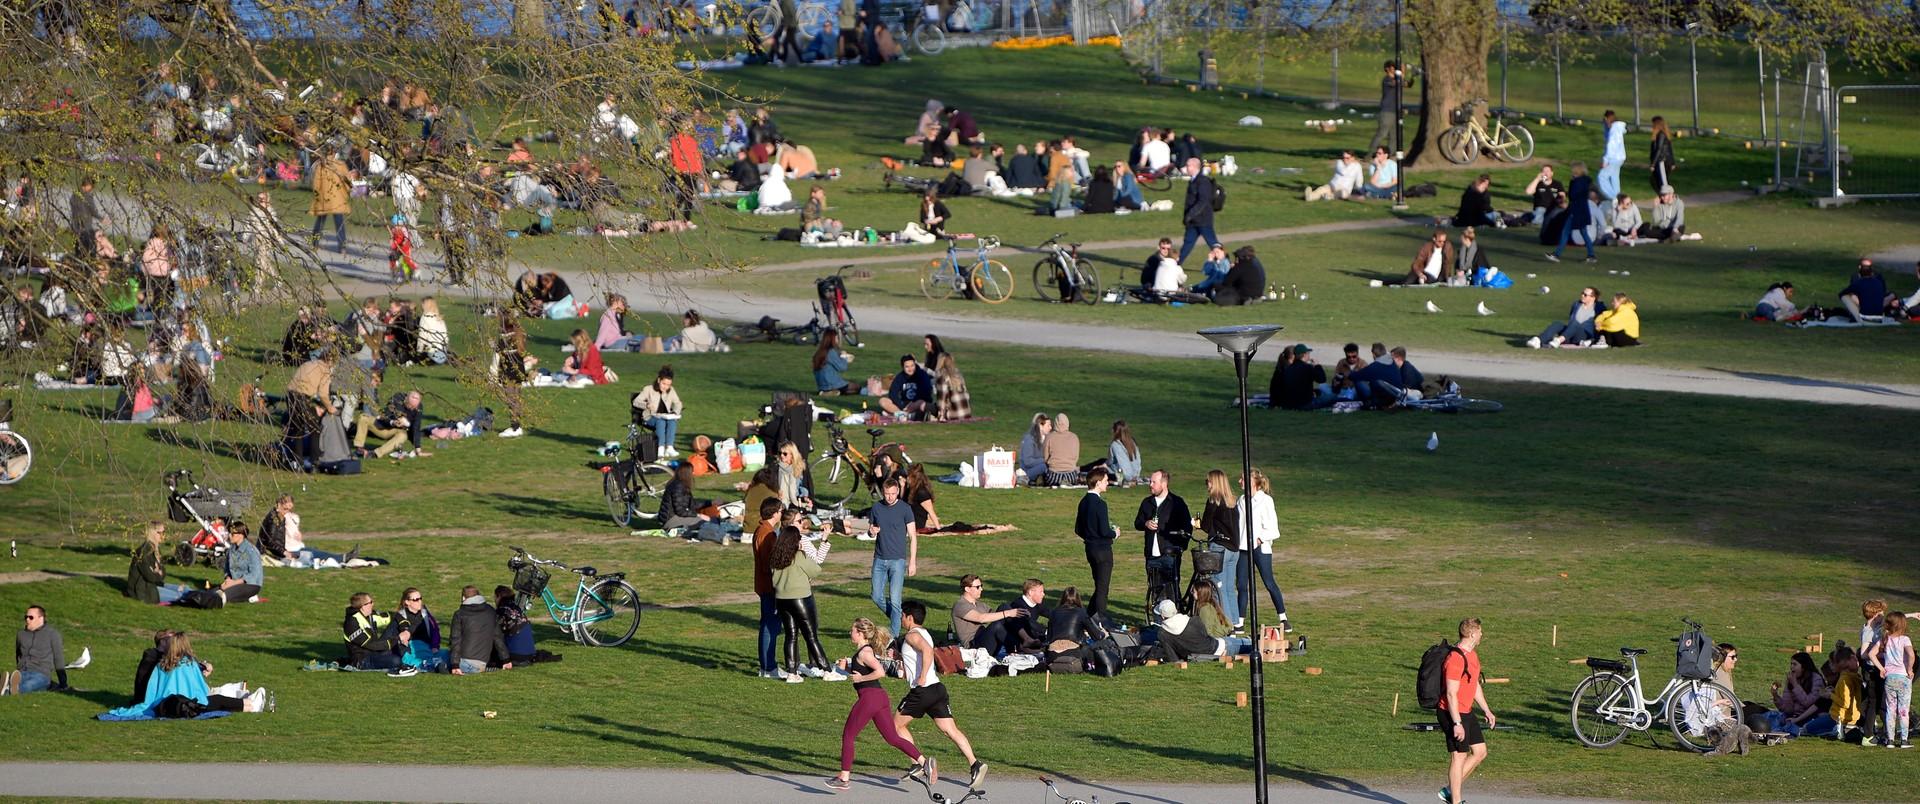 Szwedzi w parku w Sztokholmie